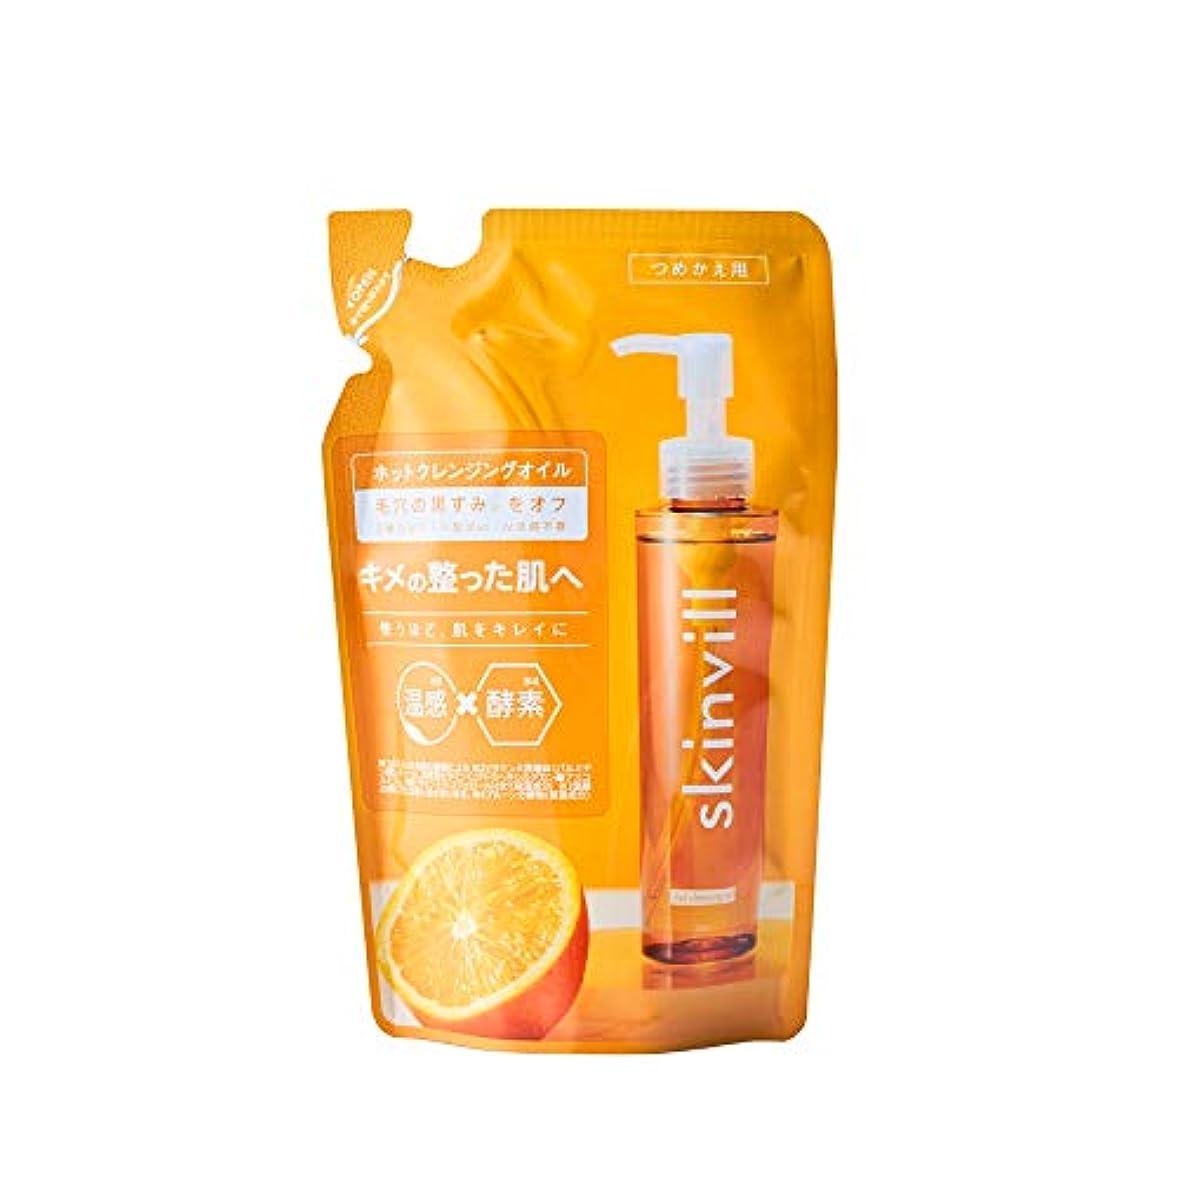 描くつかの間正しくskinvill スキンビル ホットクレンジングオイル 詰め替えパウチ 130mL シトラスオレンジの香り